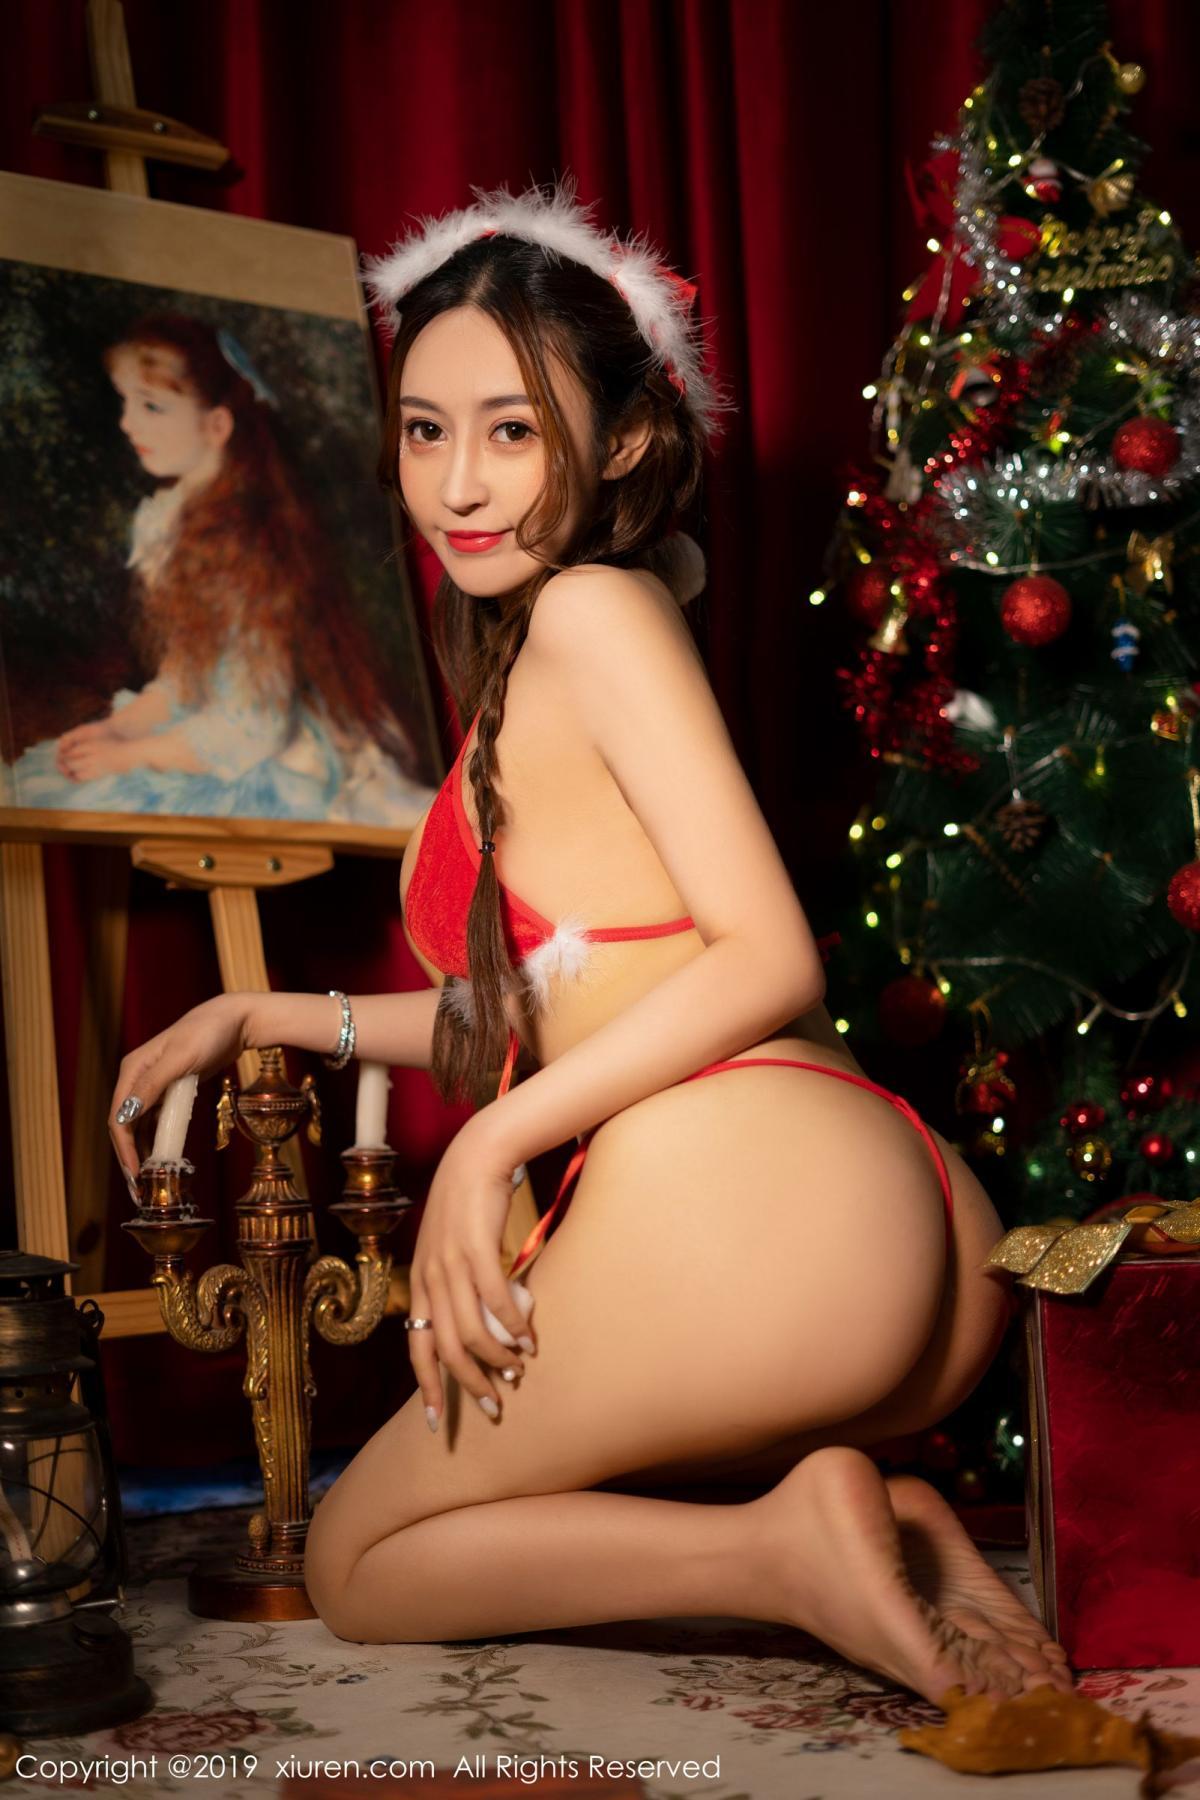 [XiuRen] Vol.1835 Zhou Jing Kong 29P, Christmas, Underwear, Xiuren, Zhou Jing Kong